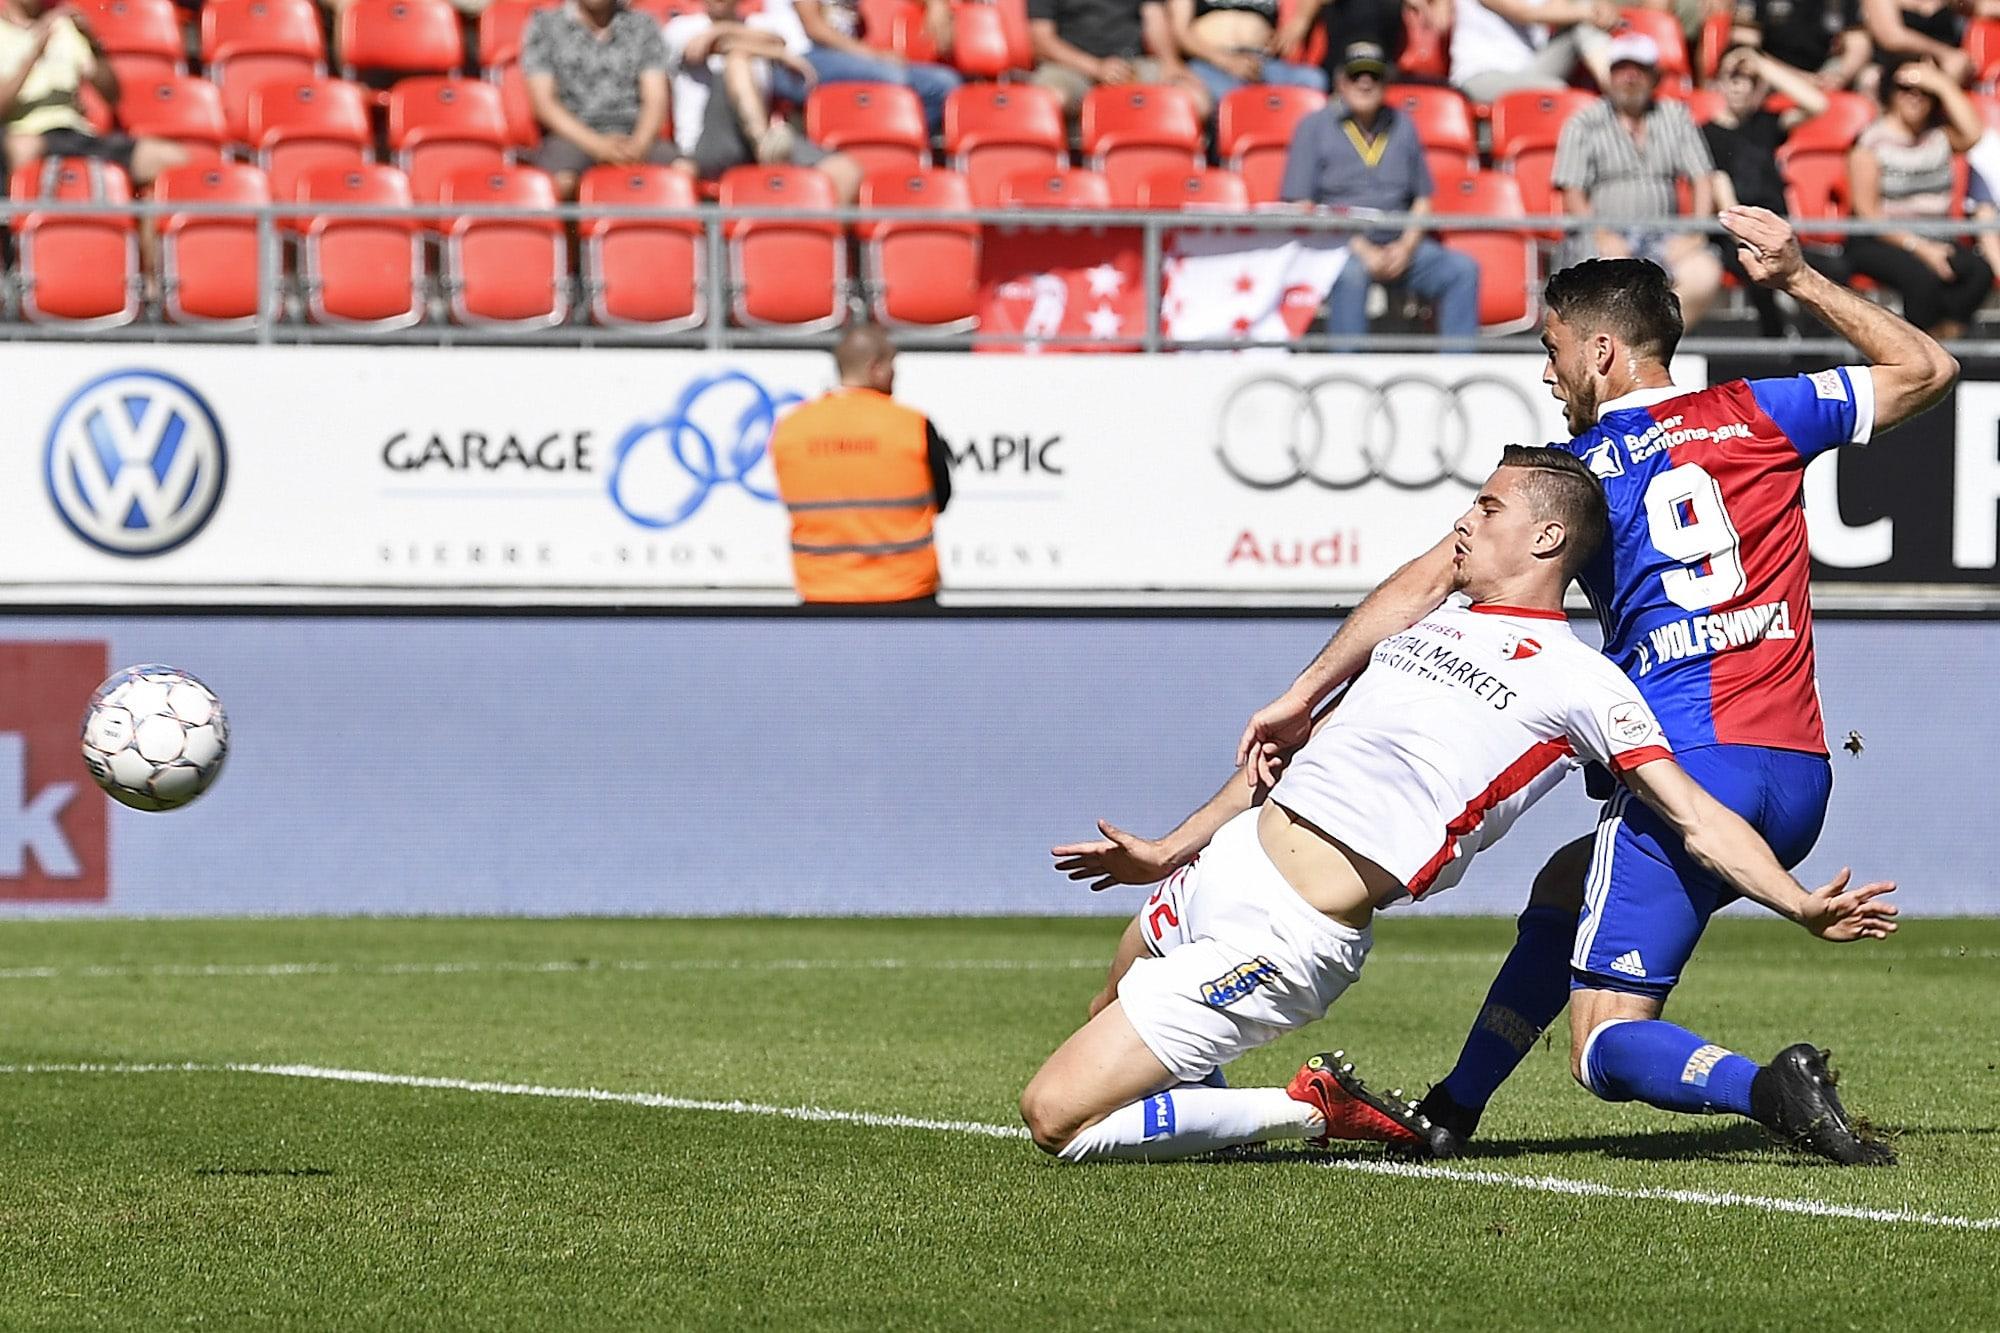 22.04.2018; Sion; Fussball Super League - FC Sion - FC Basel;Ricky Van Wolfswinkel (R, Basel) erzielt das Tor zum 0:1 gegen